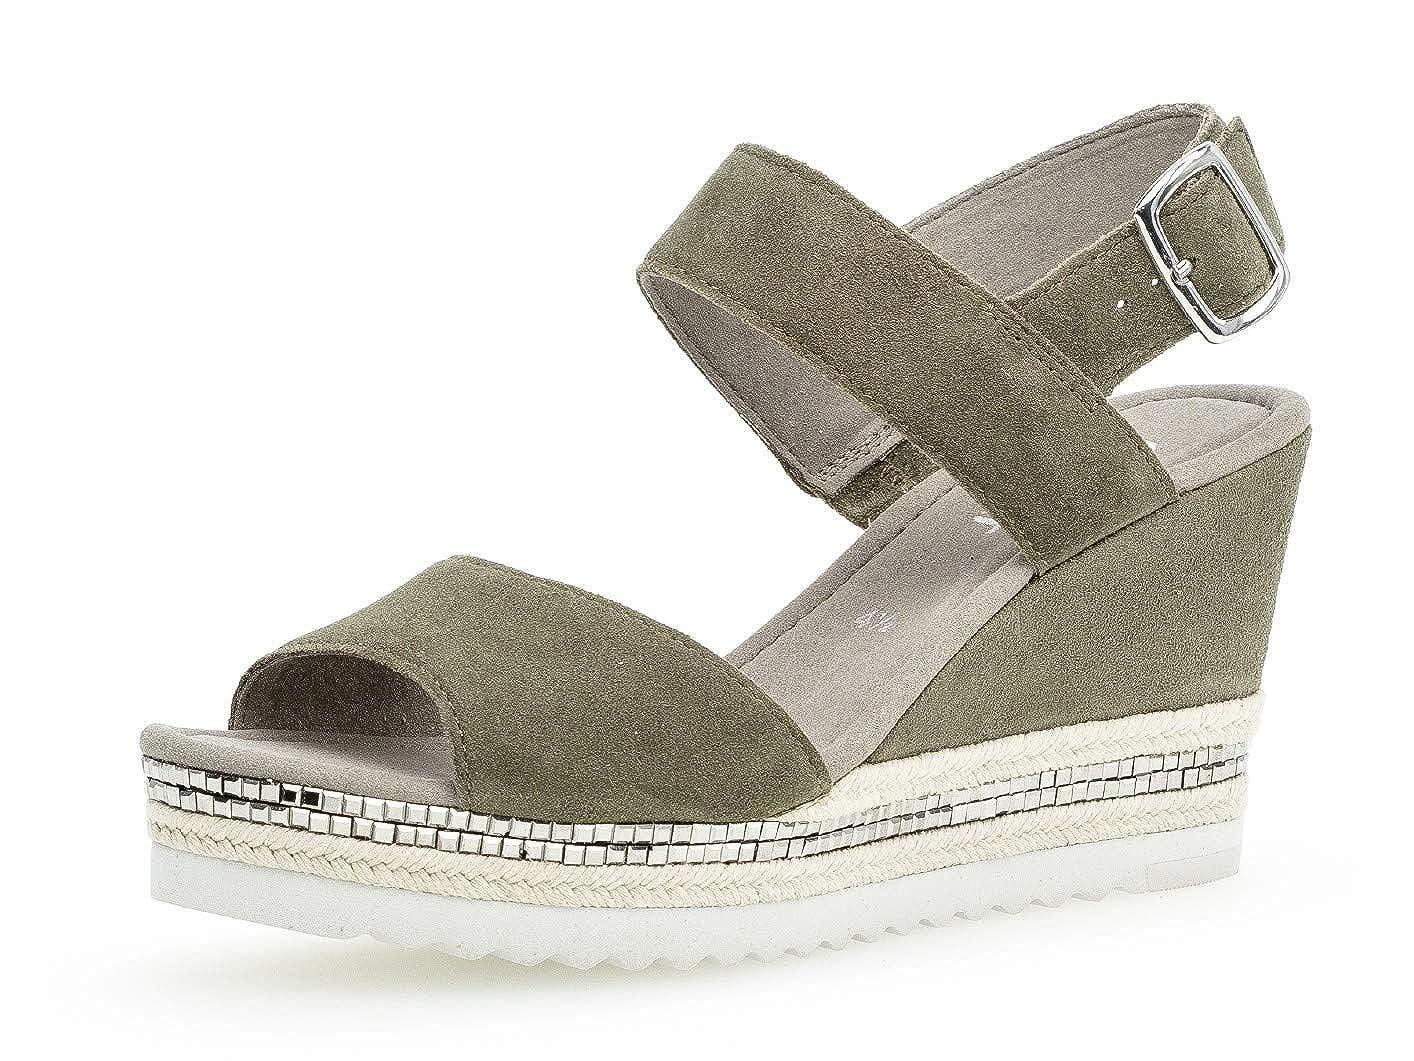 Gabor confortable D'été chaussures 25 790 Femme sandales Compensées plat 6gIyvYmbf7